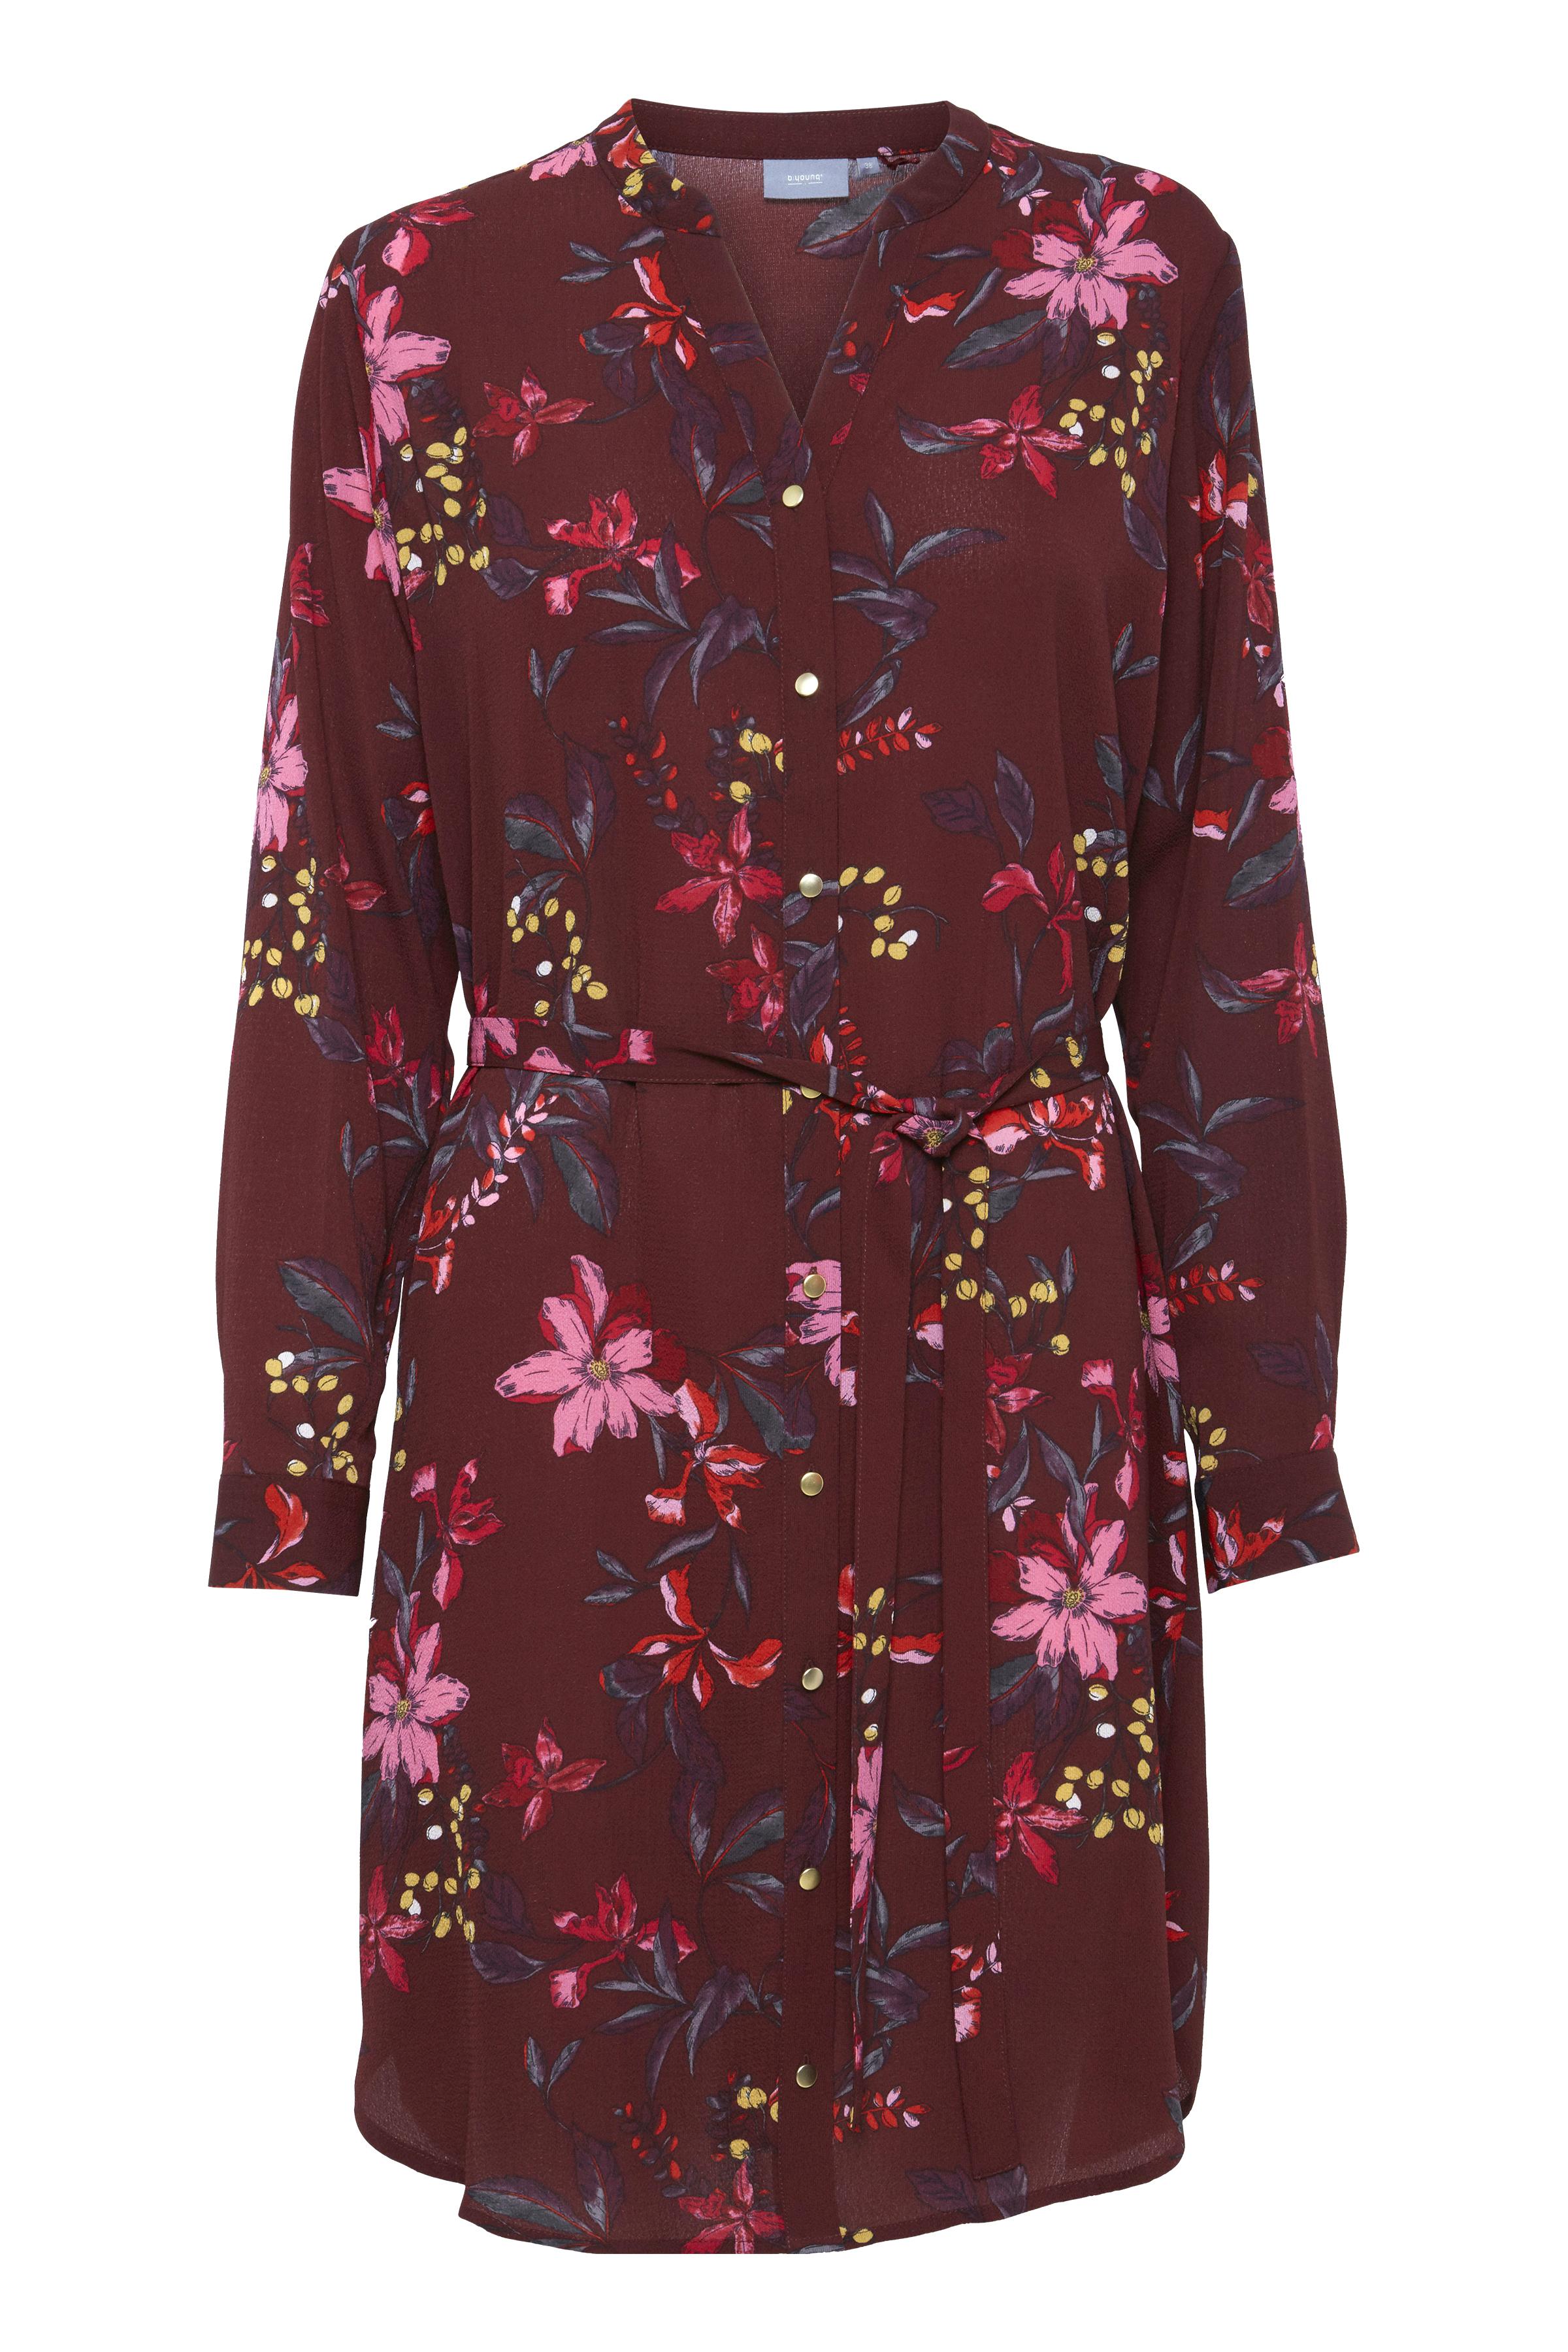 Candy Pink combi Kleid von b.young – Kaufen Sie Candy Pink combi Kleid aus Größe 36-46 hier